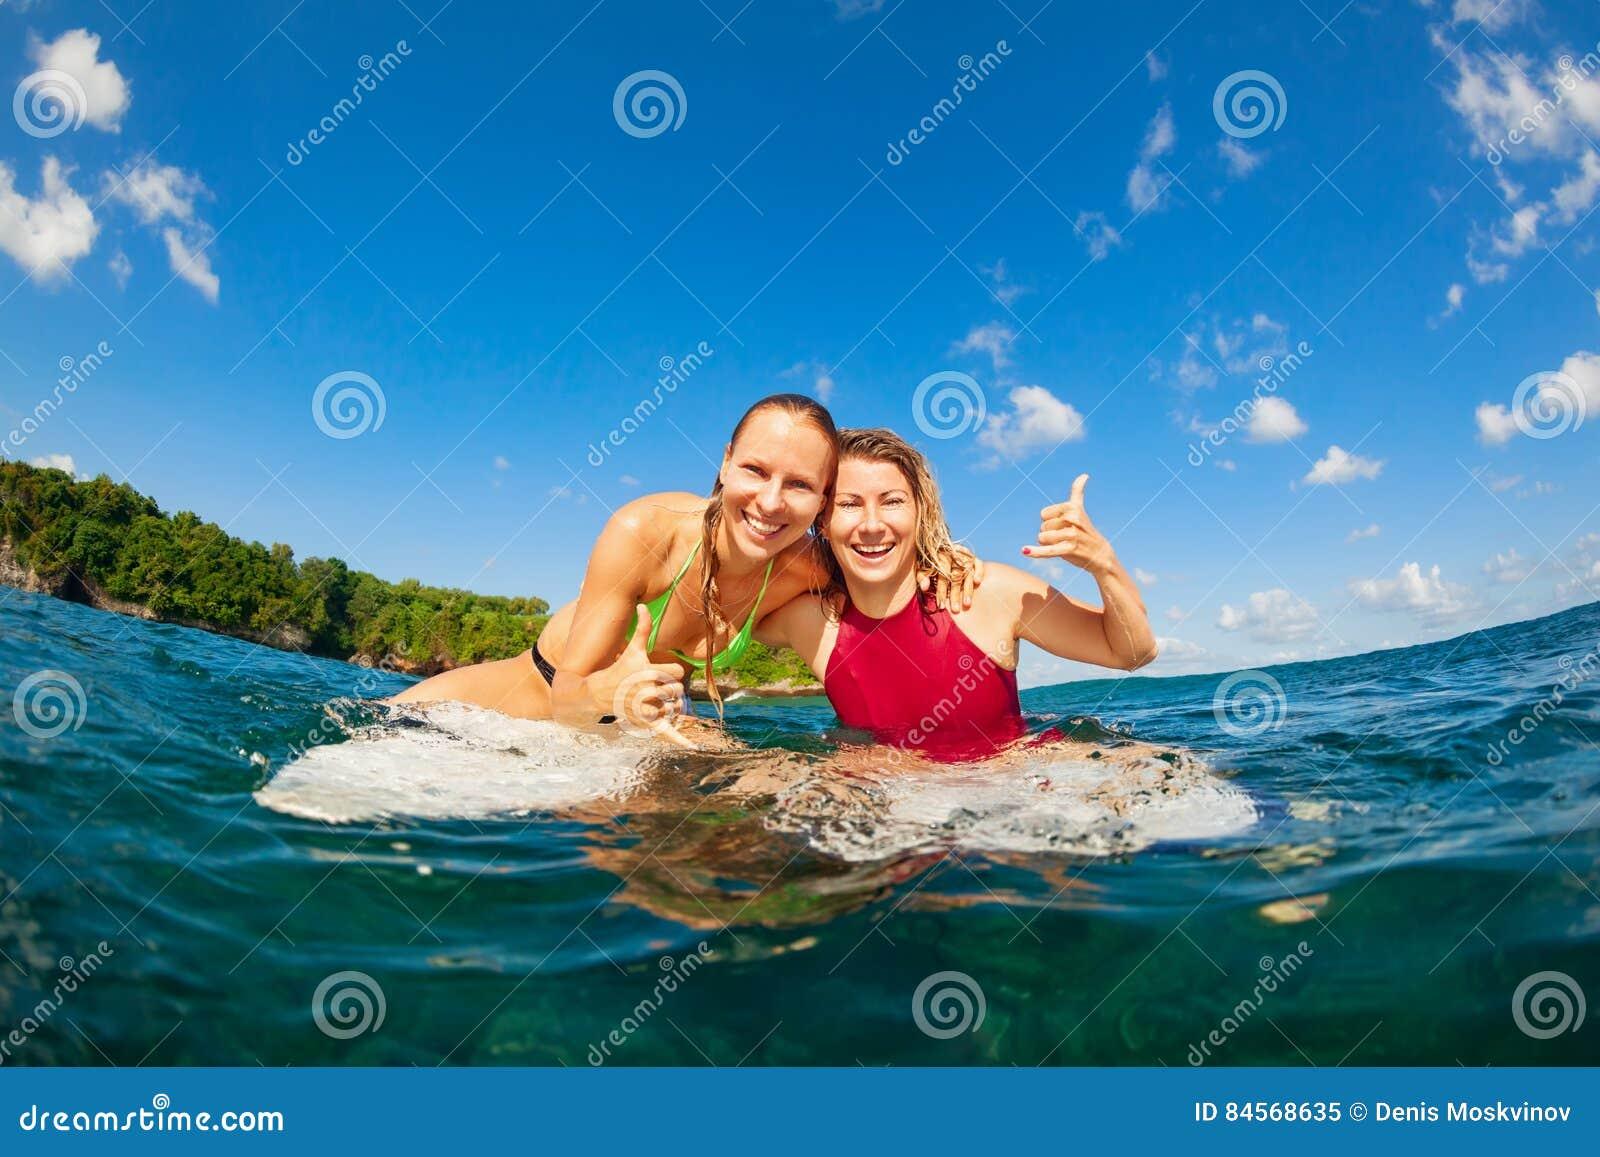 Φωτογραφία των ευτυχών κοριτσιών surfer που κάθονται στους πίνακες κυματωγών